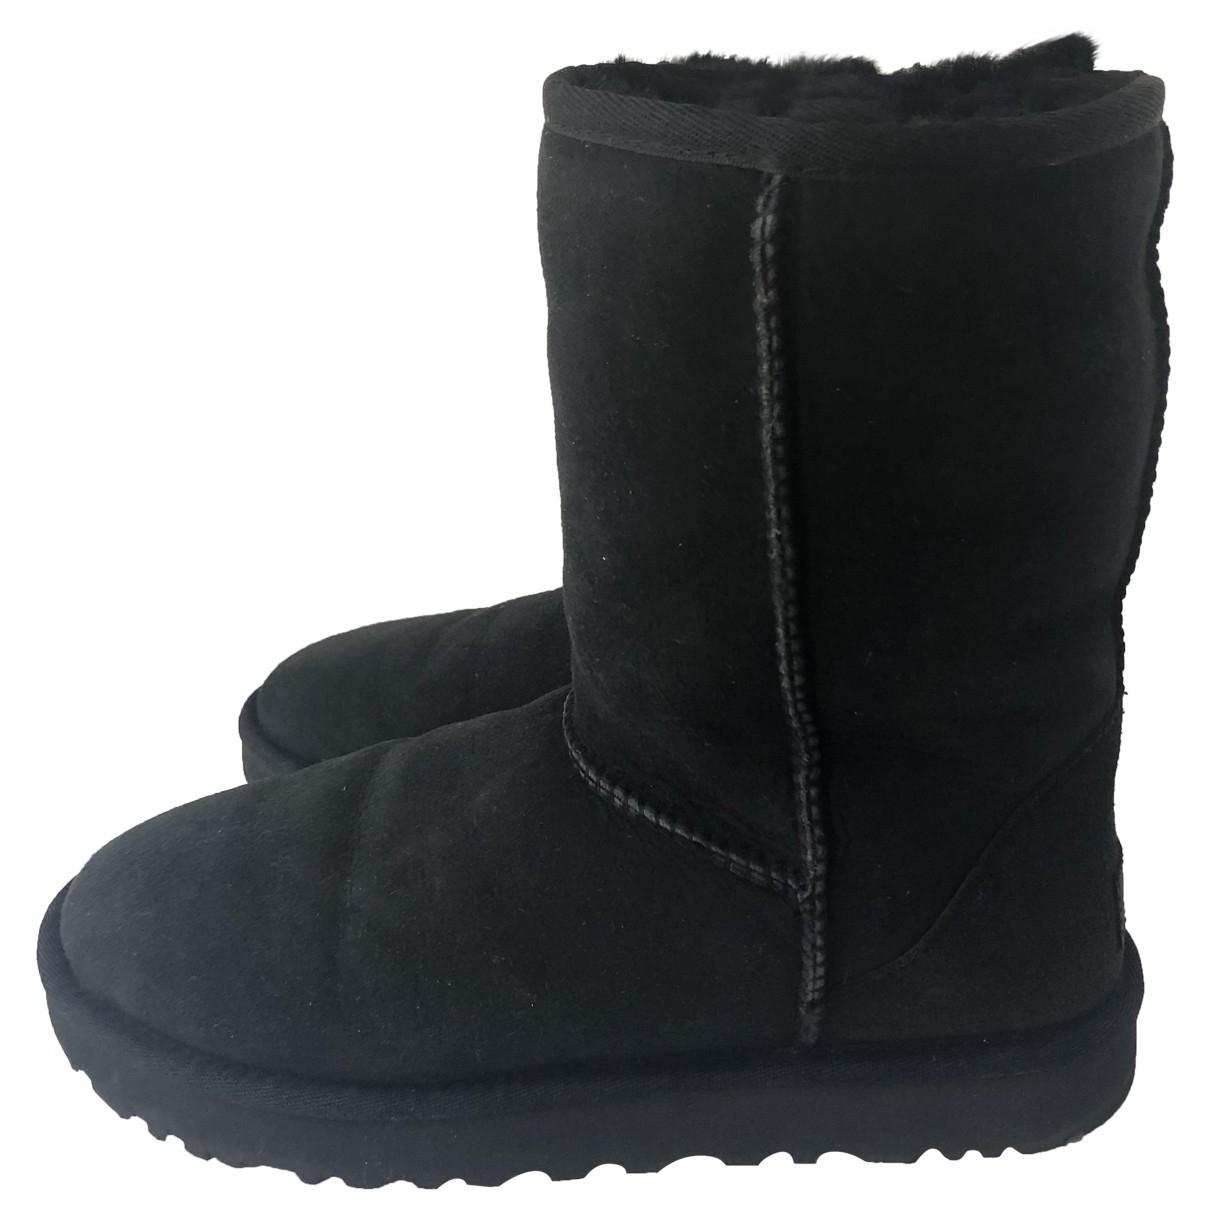 Ugg - Bottes   pour femme en mouton - noir